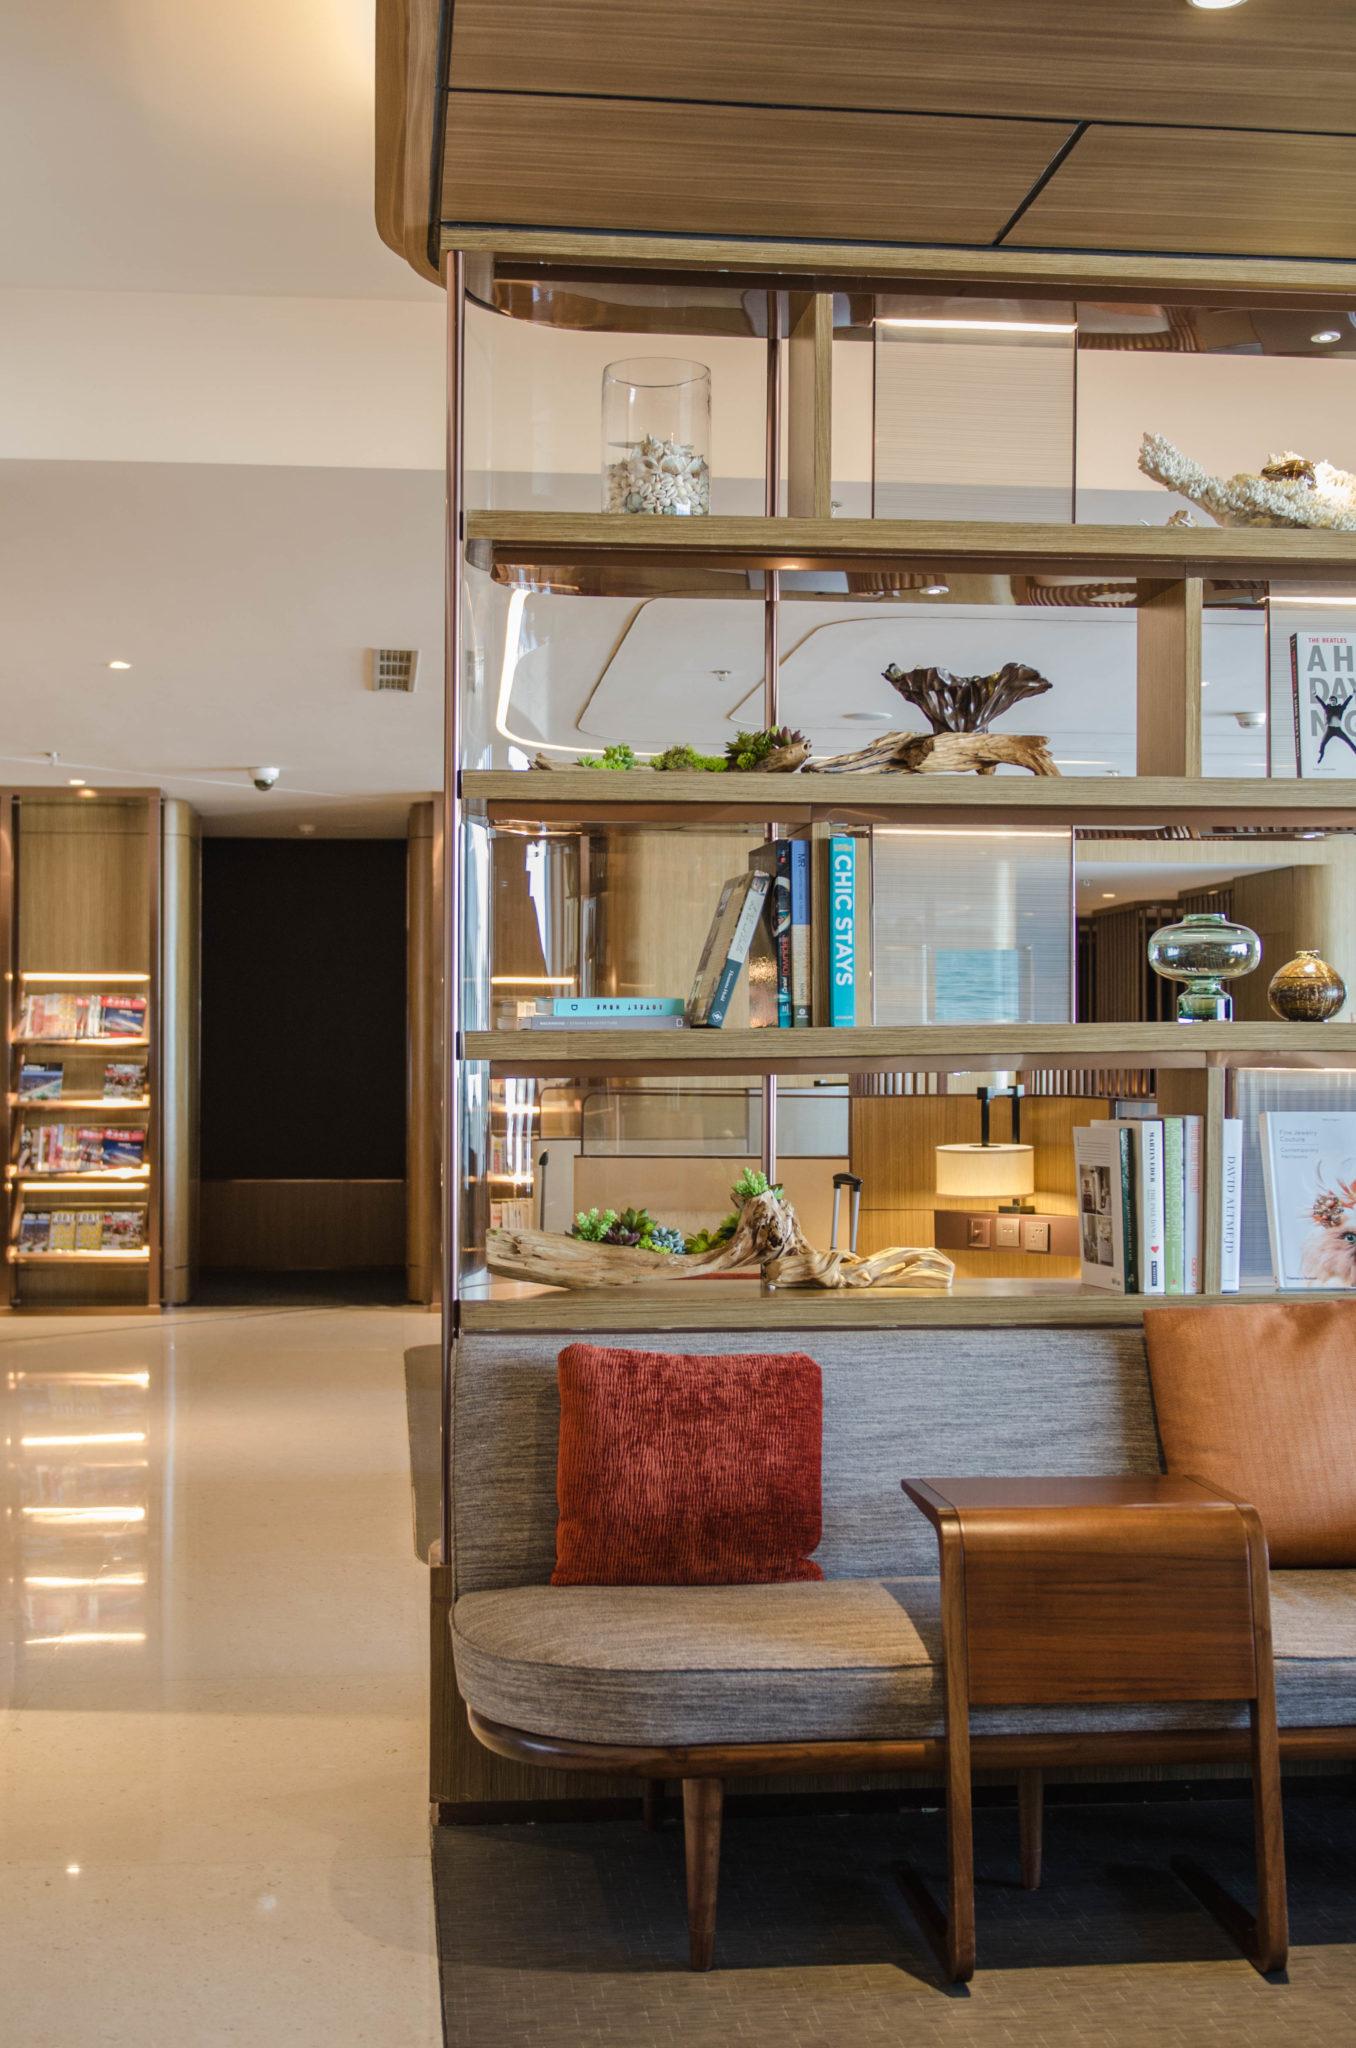 Schlichtes Design und viel Holz: Die Hainan Business Class Lounge in Peking ist schick und edel.